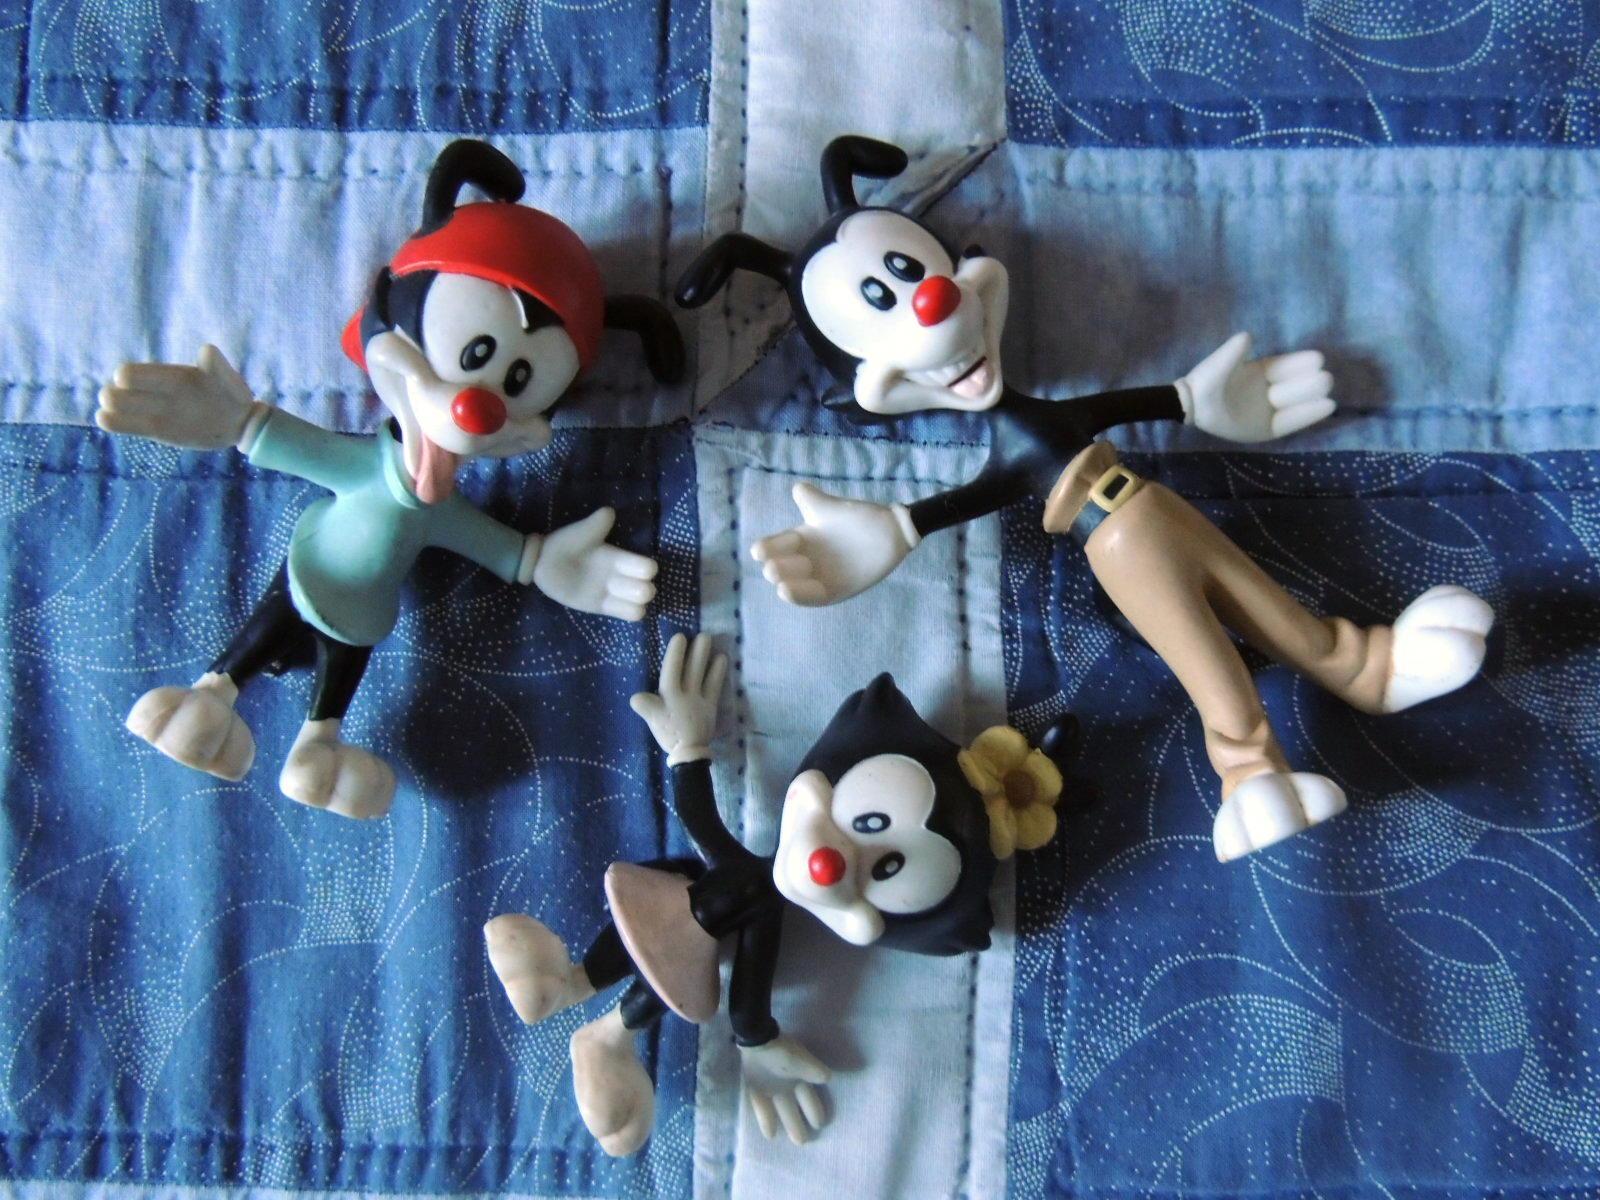 Animaniacs Bendable Action Figures